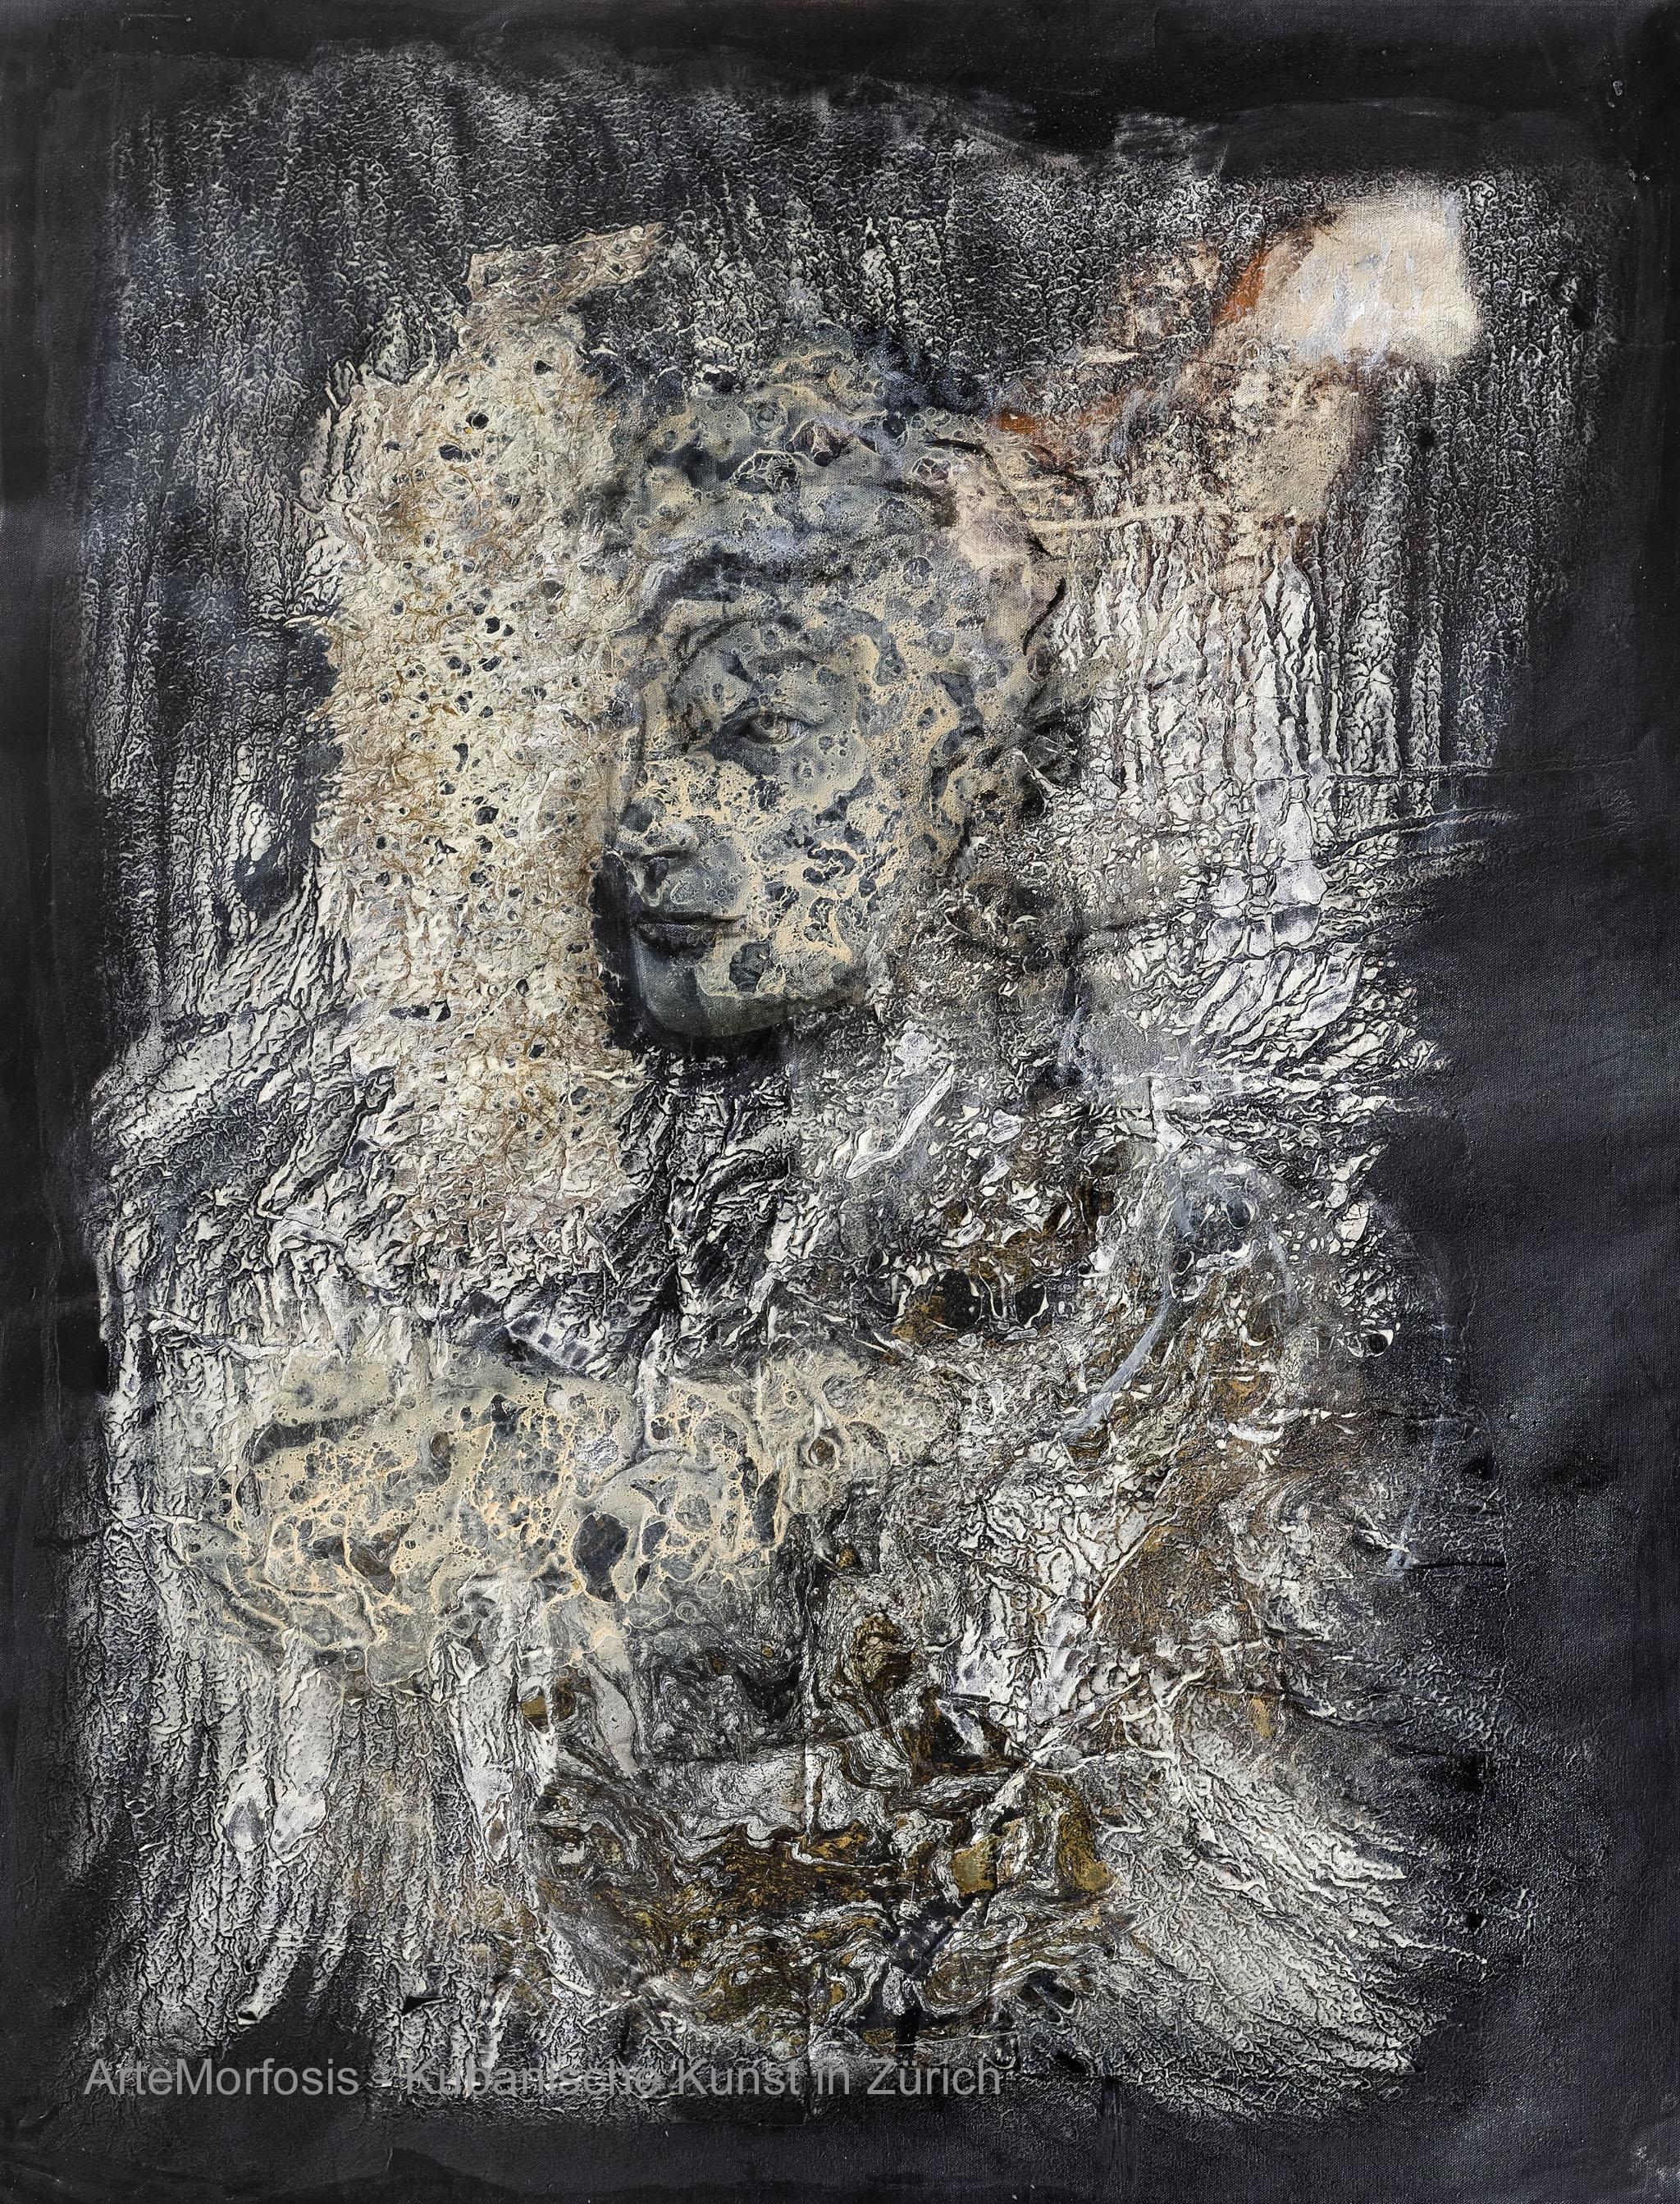 Li D Fong: Composición / Composition - Mixed on Canvas - 2016 - 117 x 91 cm